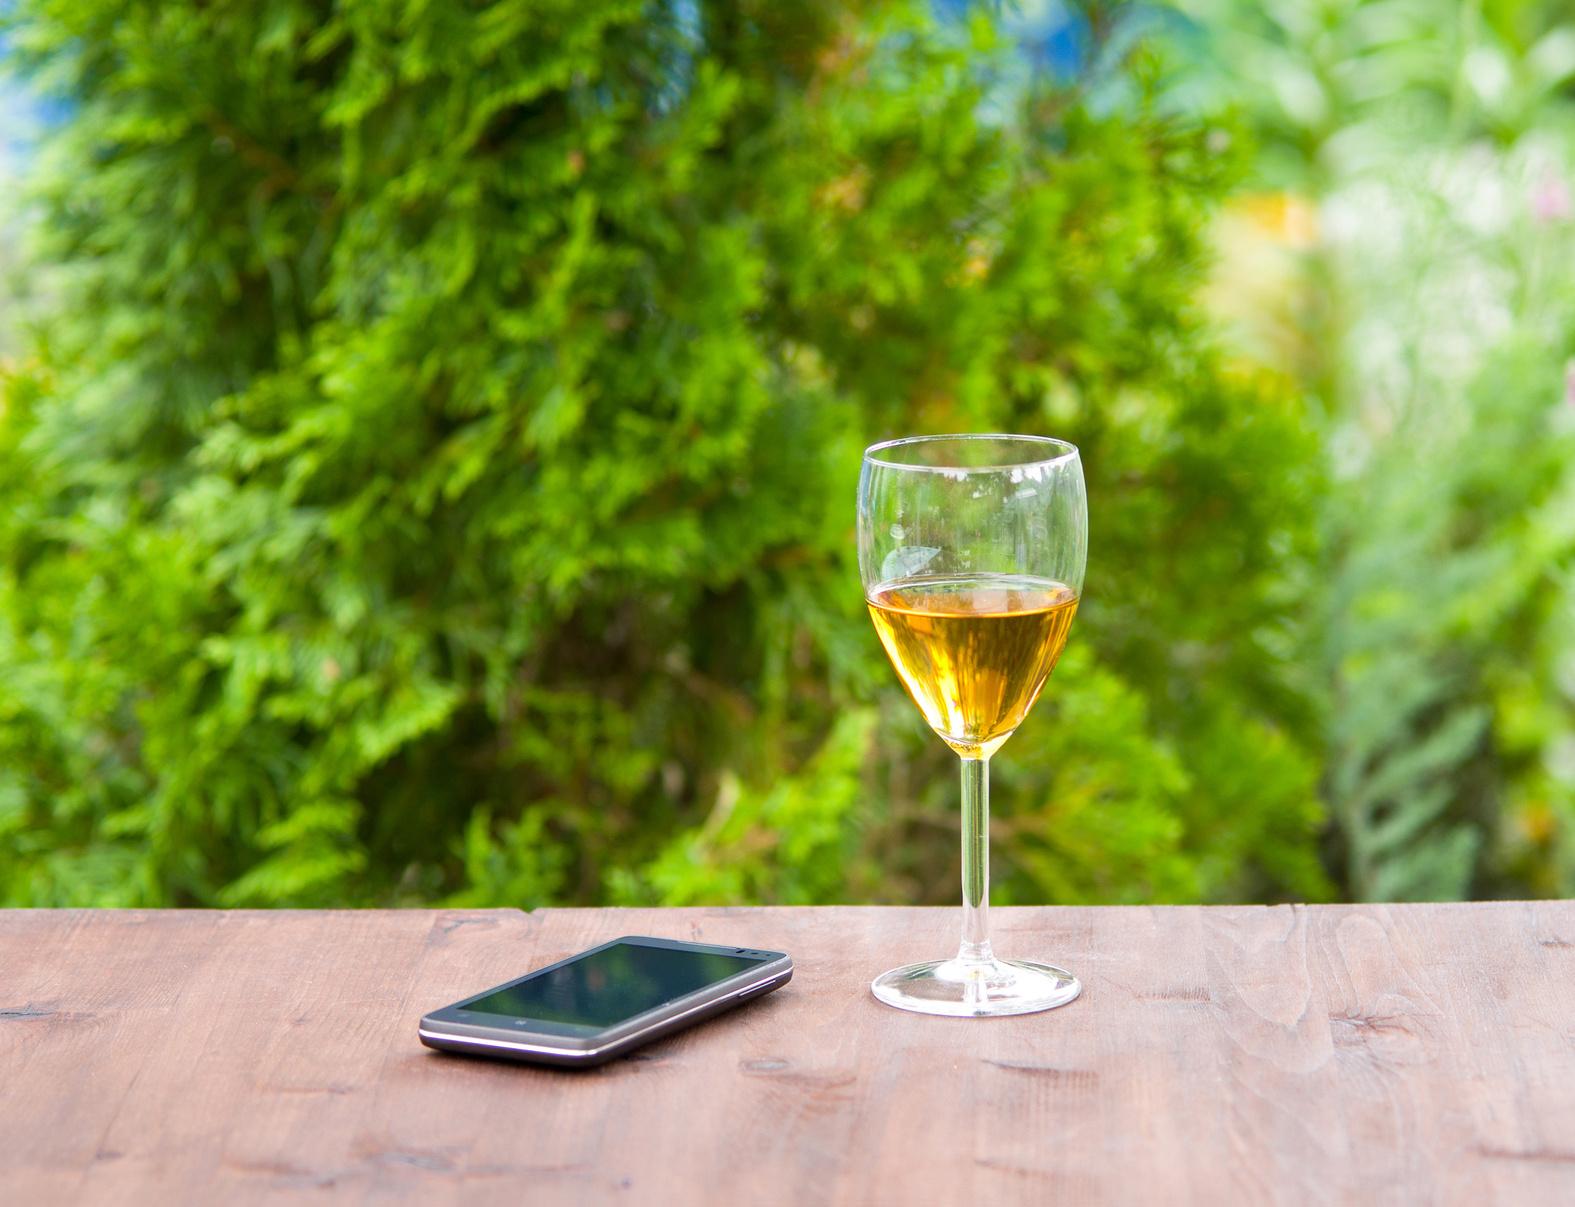 Vin smartphone